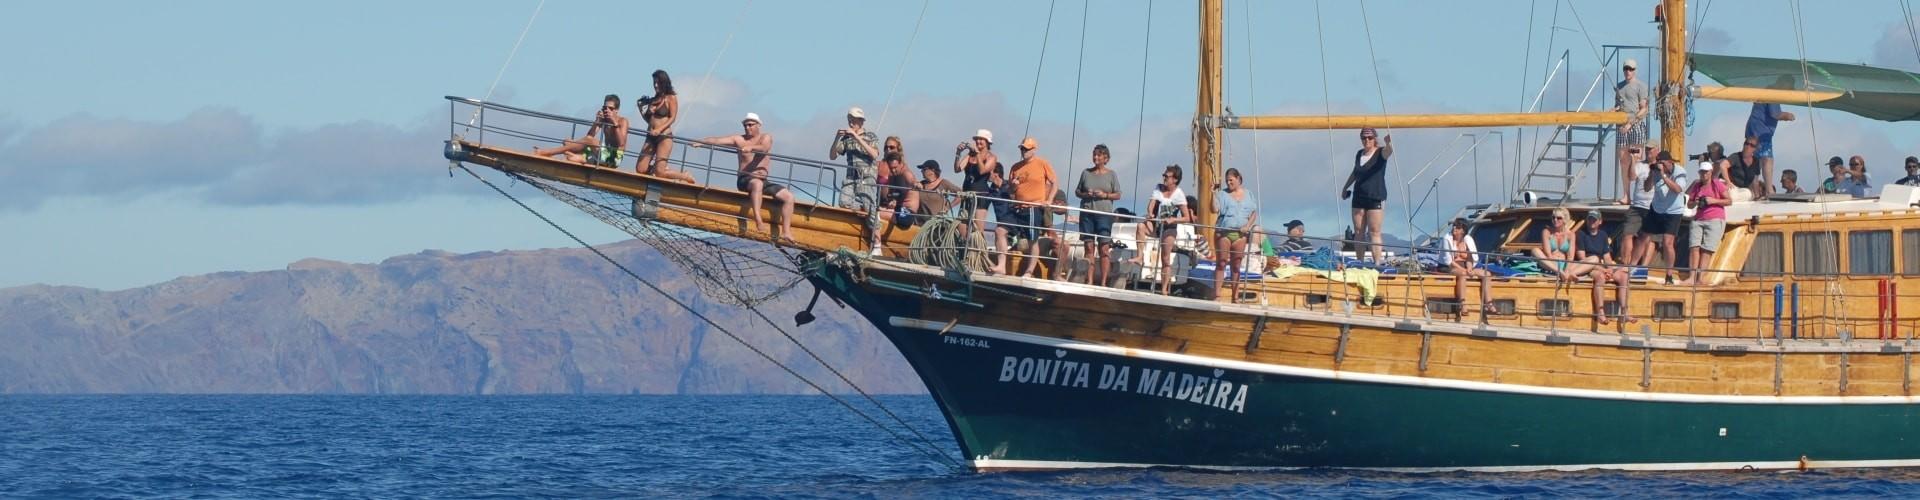 Passeios de Barco na Ilha da Madeira